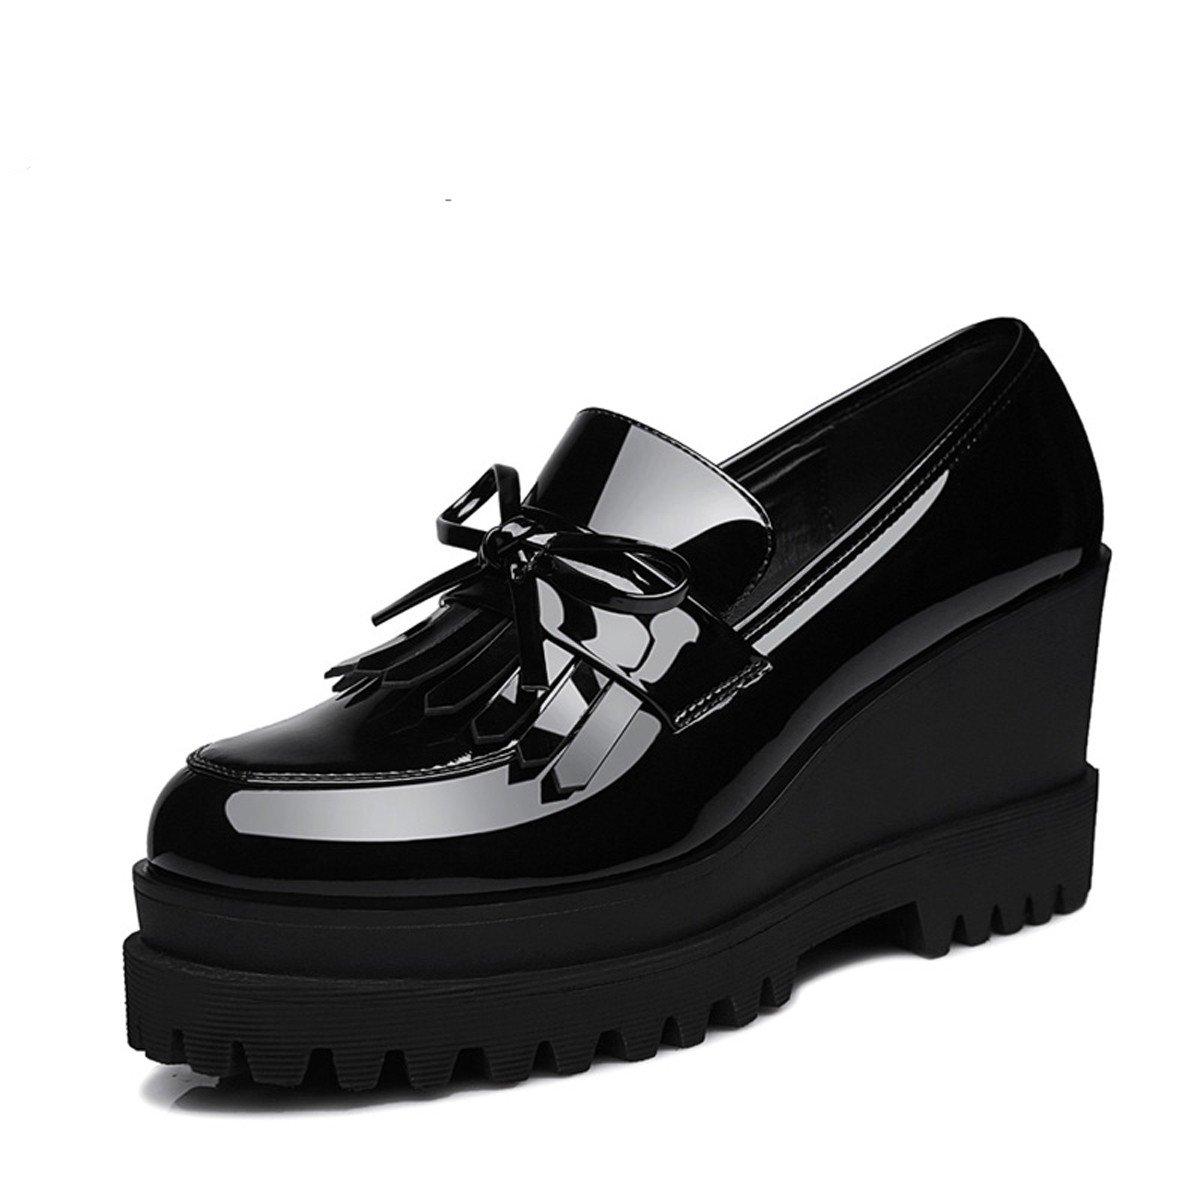 KPHY-Damenschuhe Im Frühjahr und Im Herbst - Schuhe mit Dicken Muffins Unten Herbst Schuhe Lack - Piste Einzelne Schuhe Meine Schuhe.